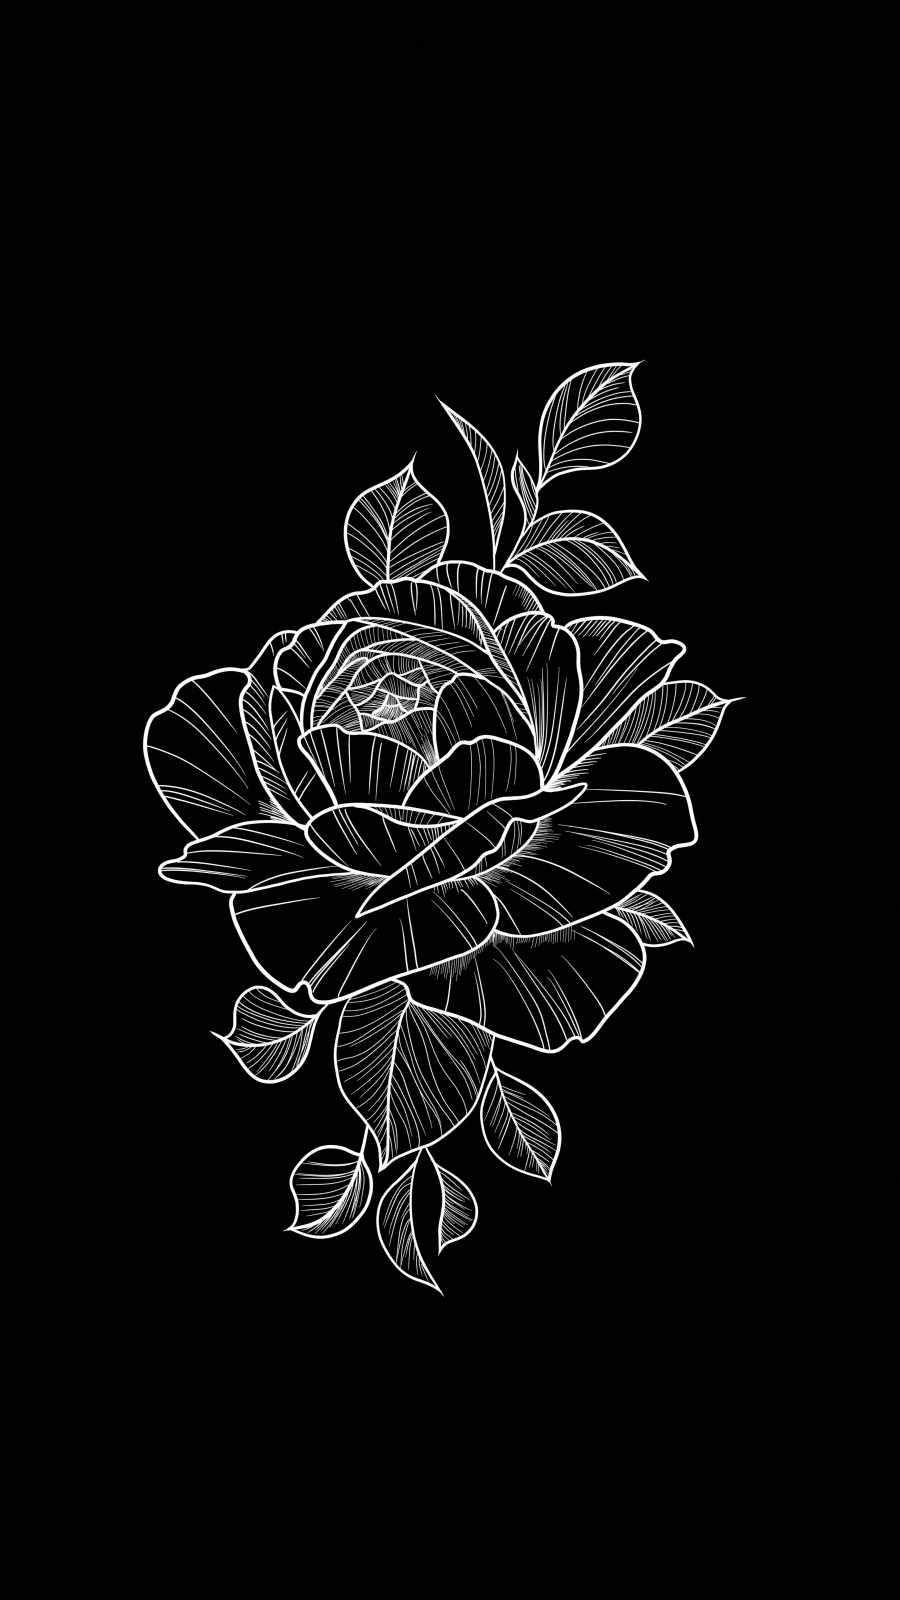 Black Rose Amoled